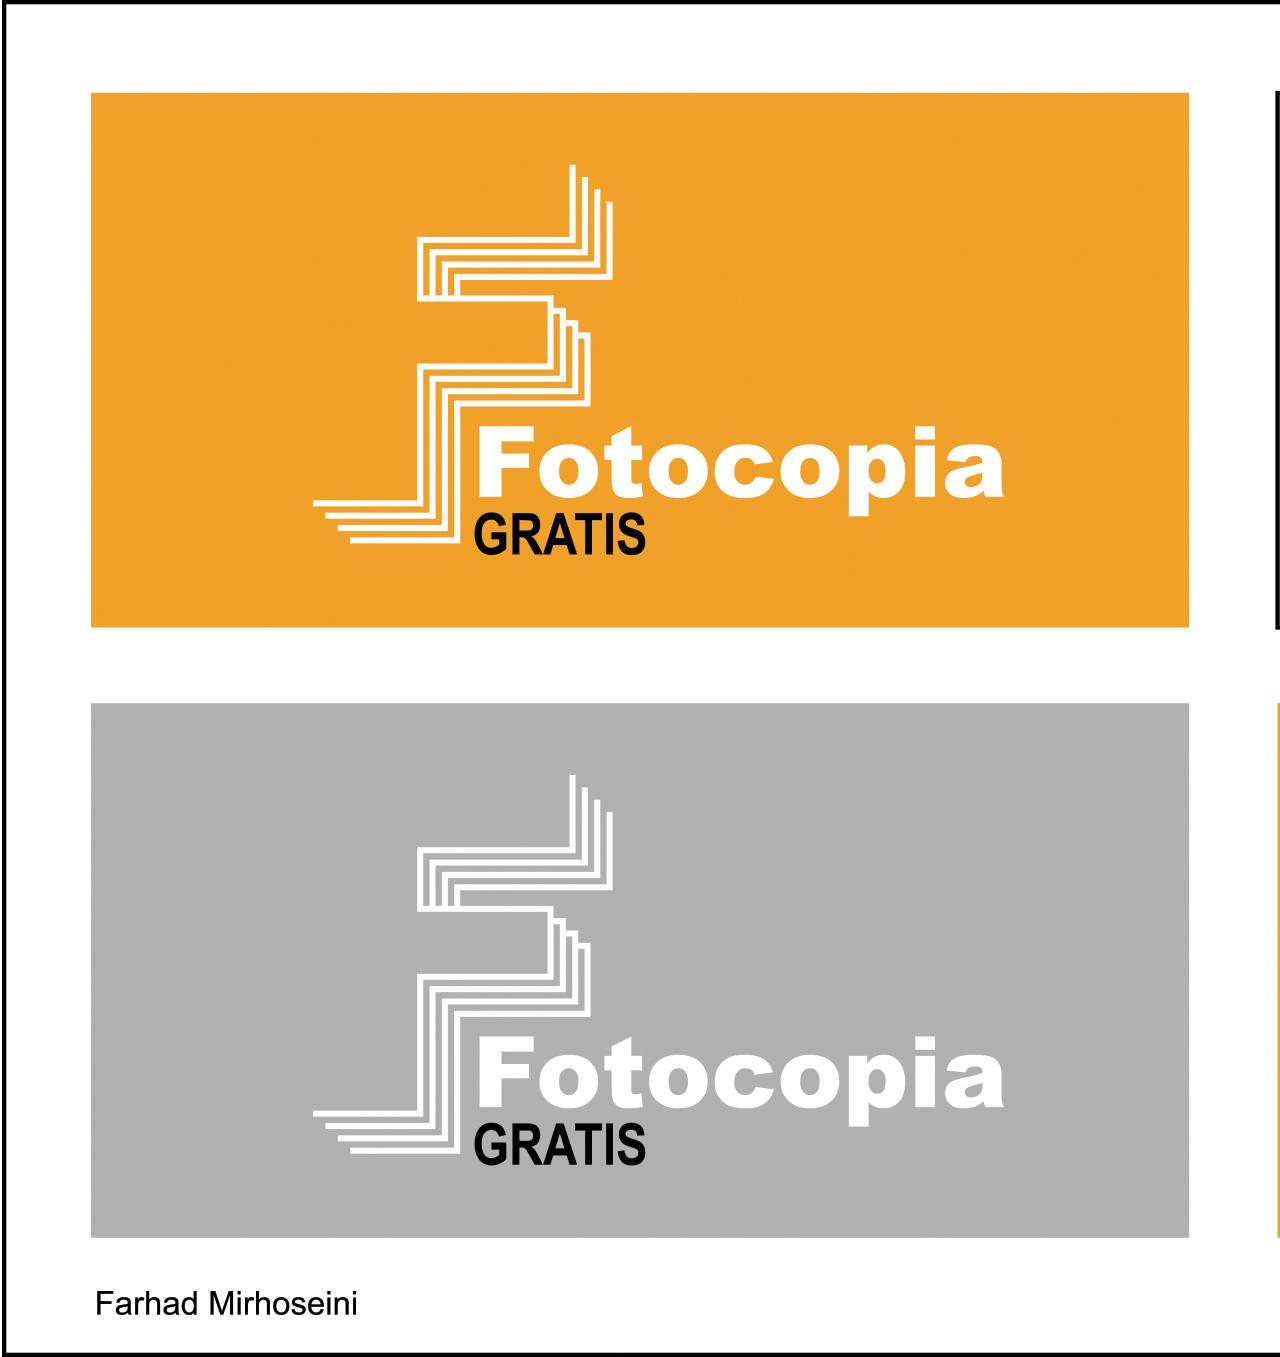 Logo Design by Farhad Mirhoseini - Entry No. 241 in the Logo Design Contest Inspiring Logo Design for Fotocopiagratis.